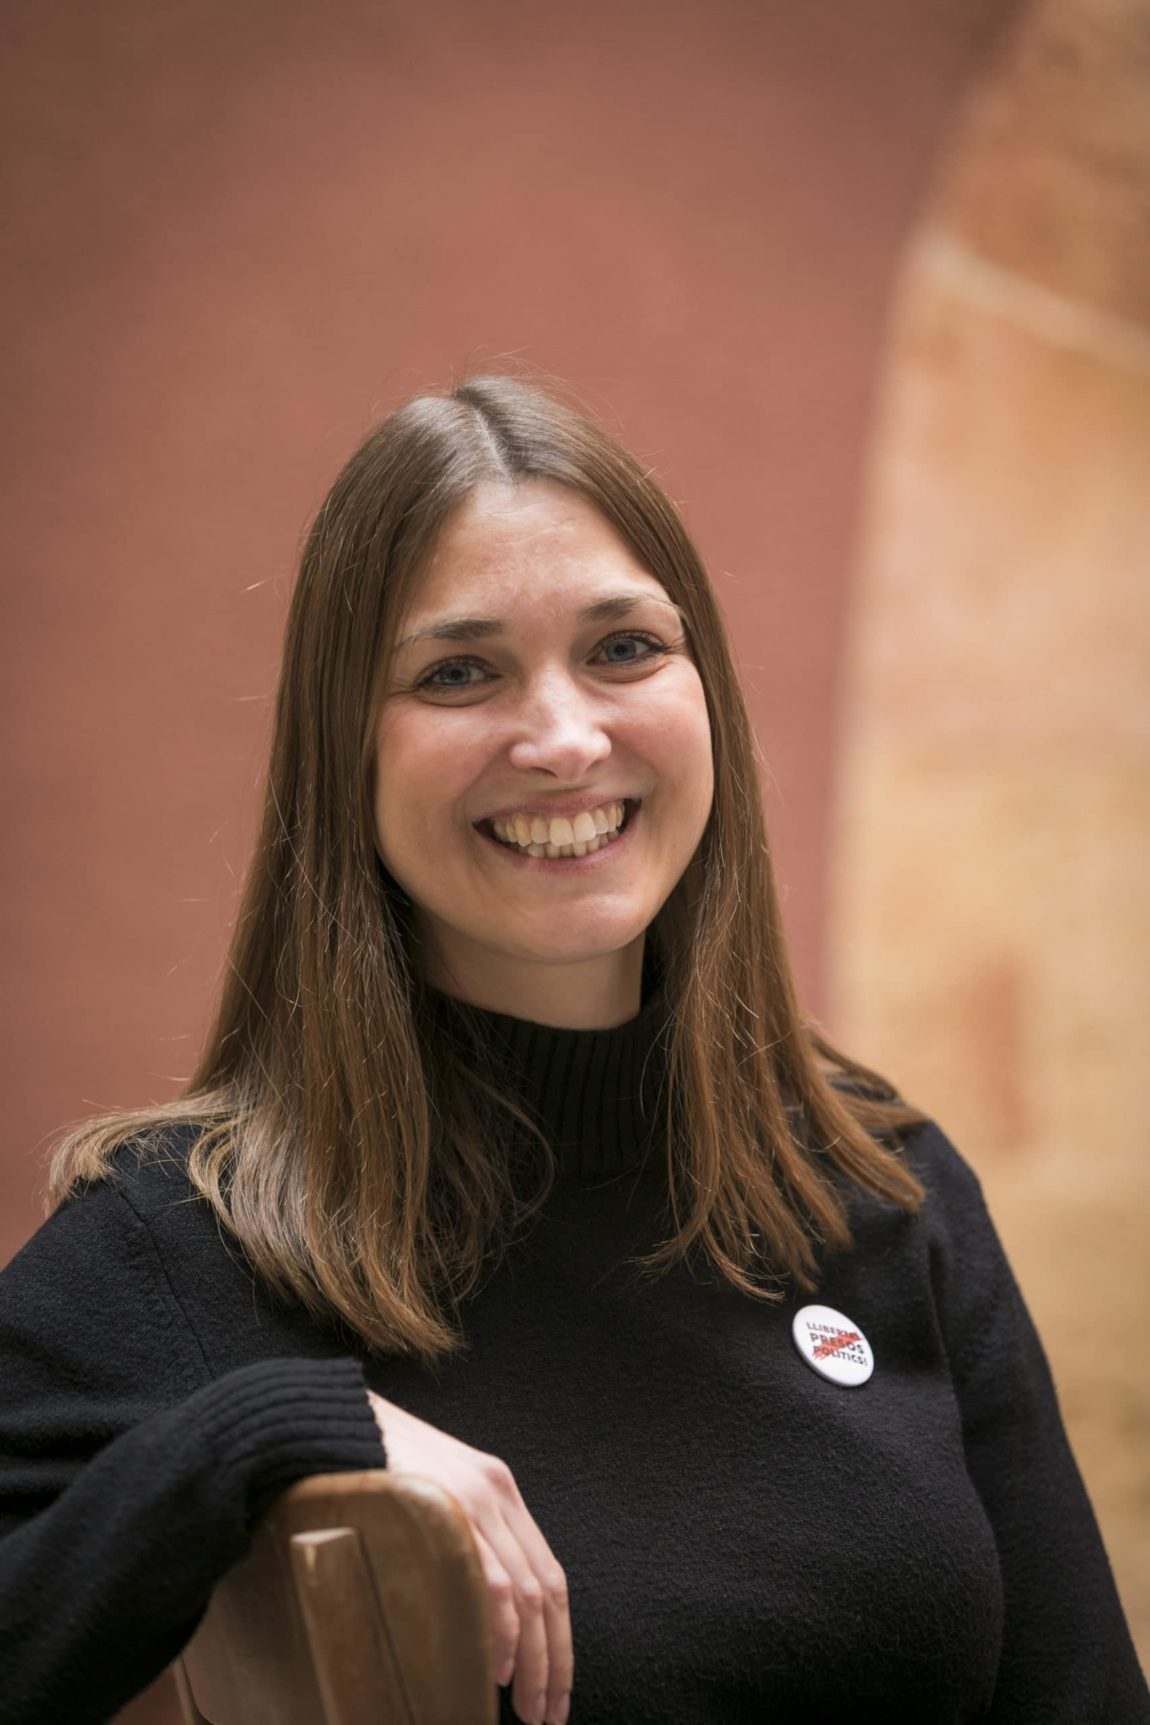 Helle Kettner: La part més efectiva de la diplomàcia és la confidencial